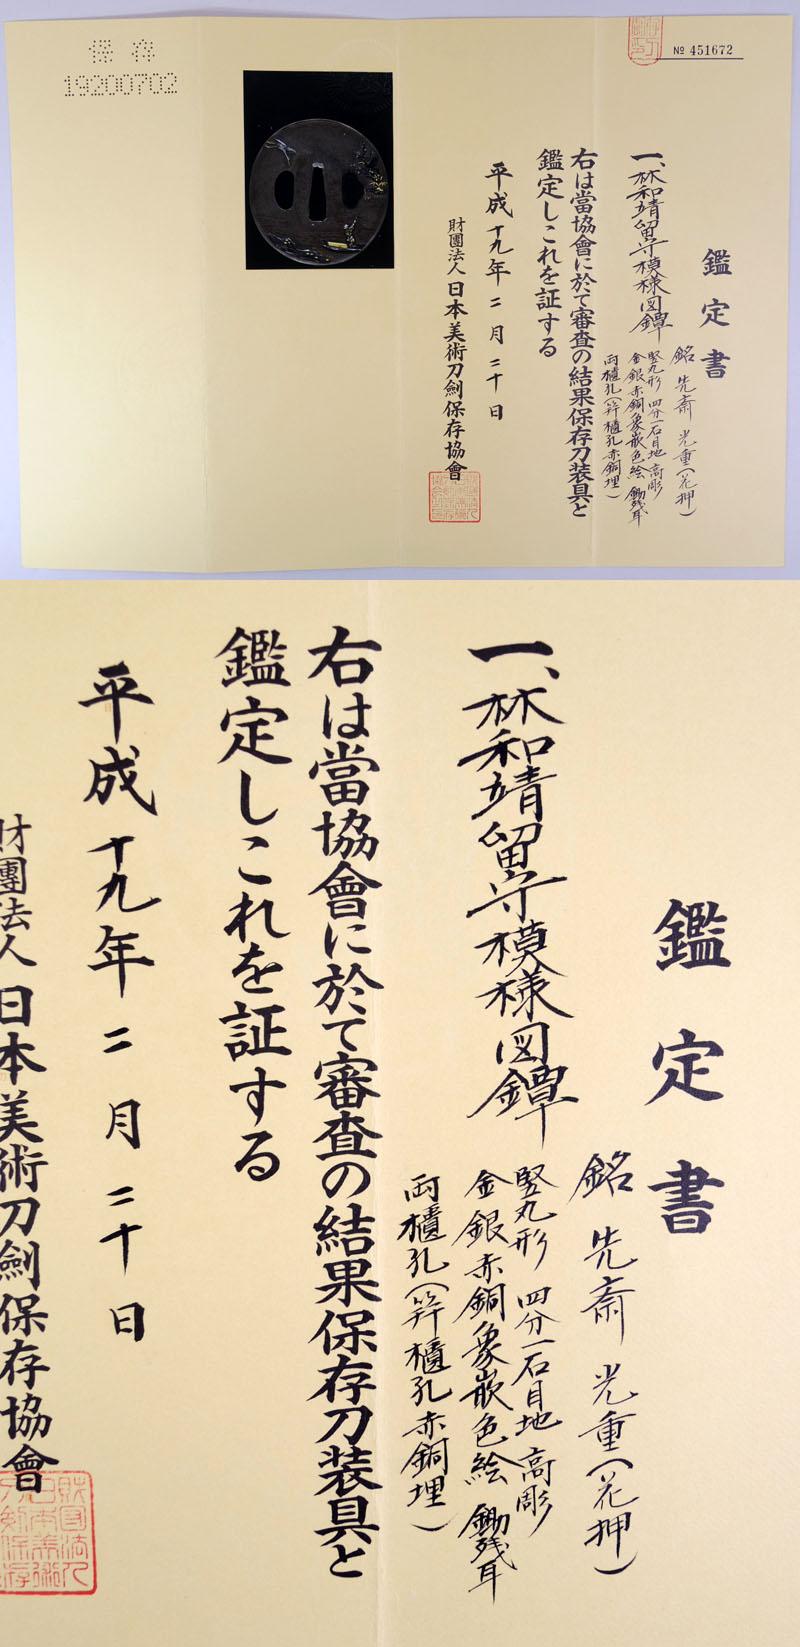 林和靖留守模様図鍔 先斎 光重(花押) Picture of Certificate